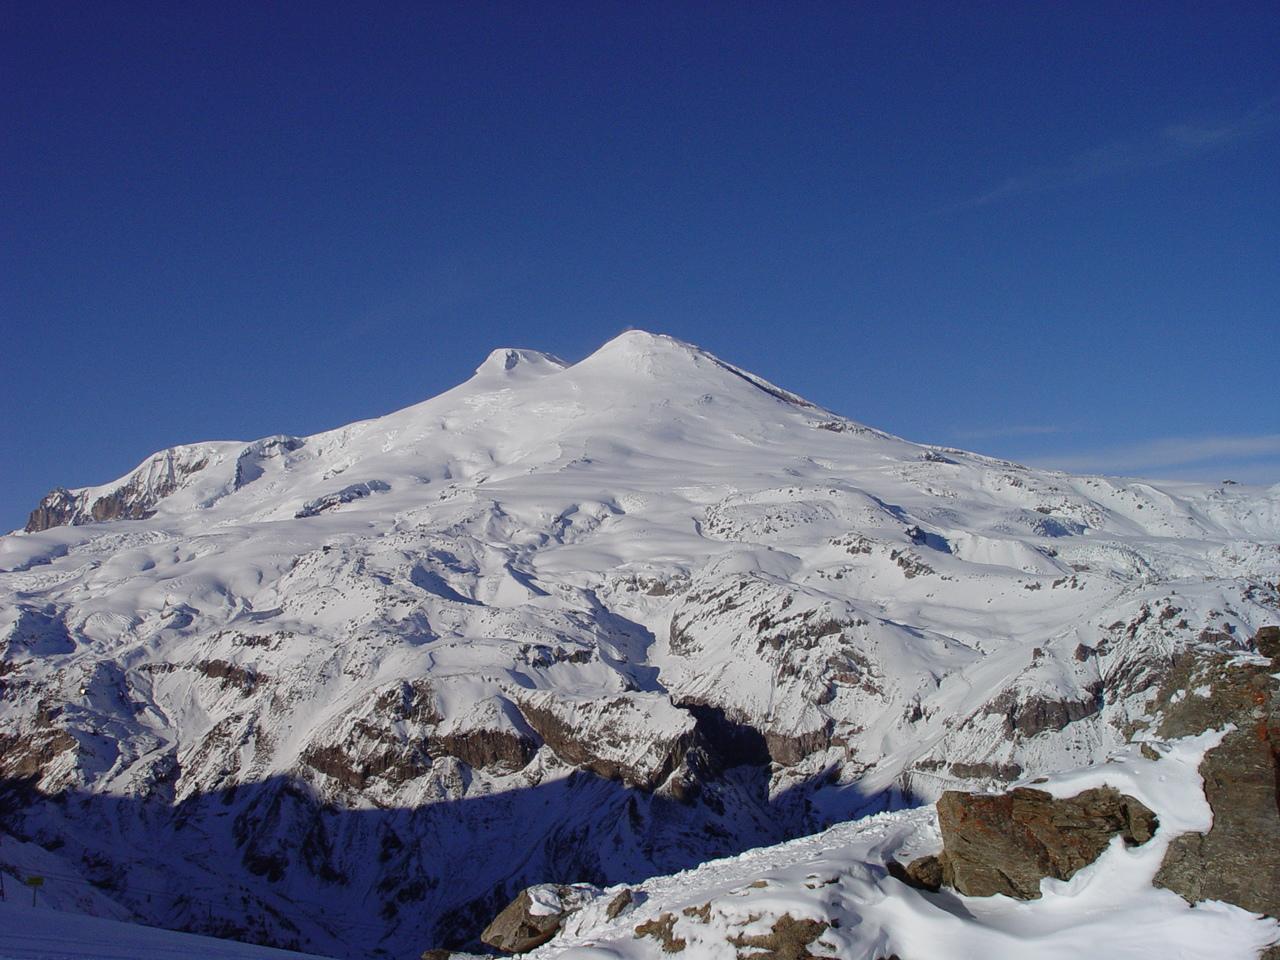 Mt. Elbrus, Mount Elbrus